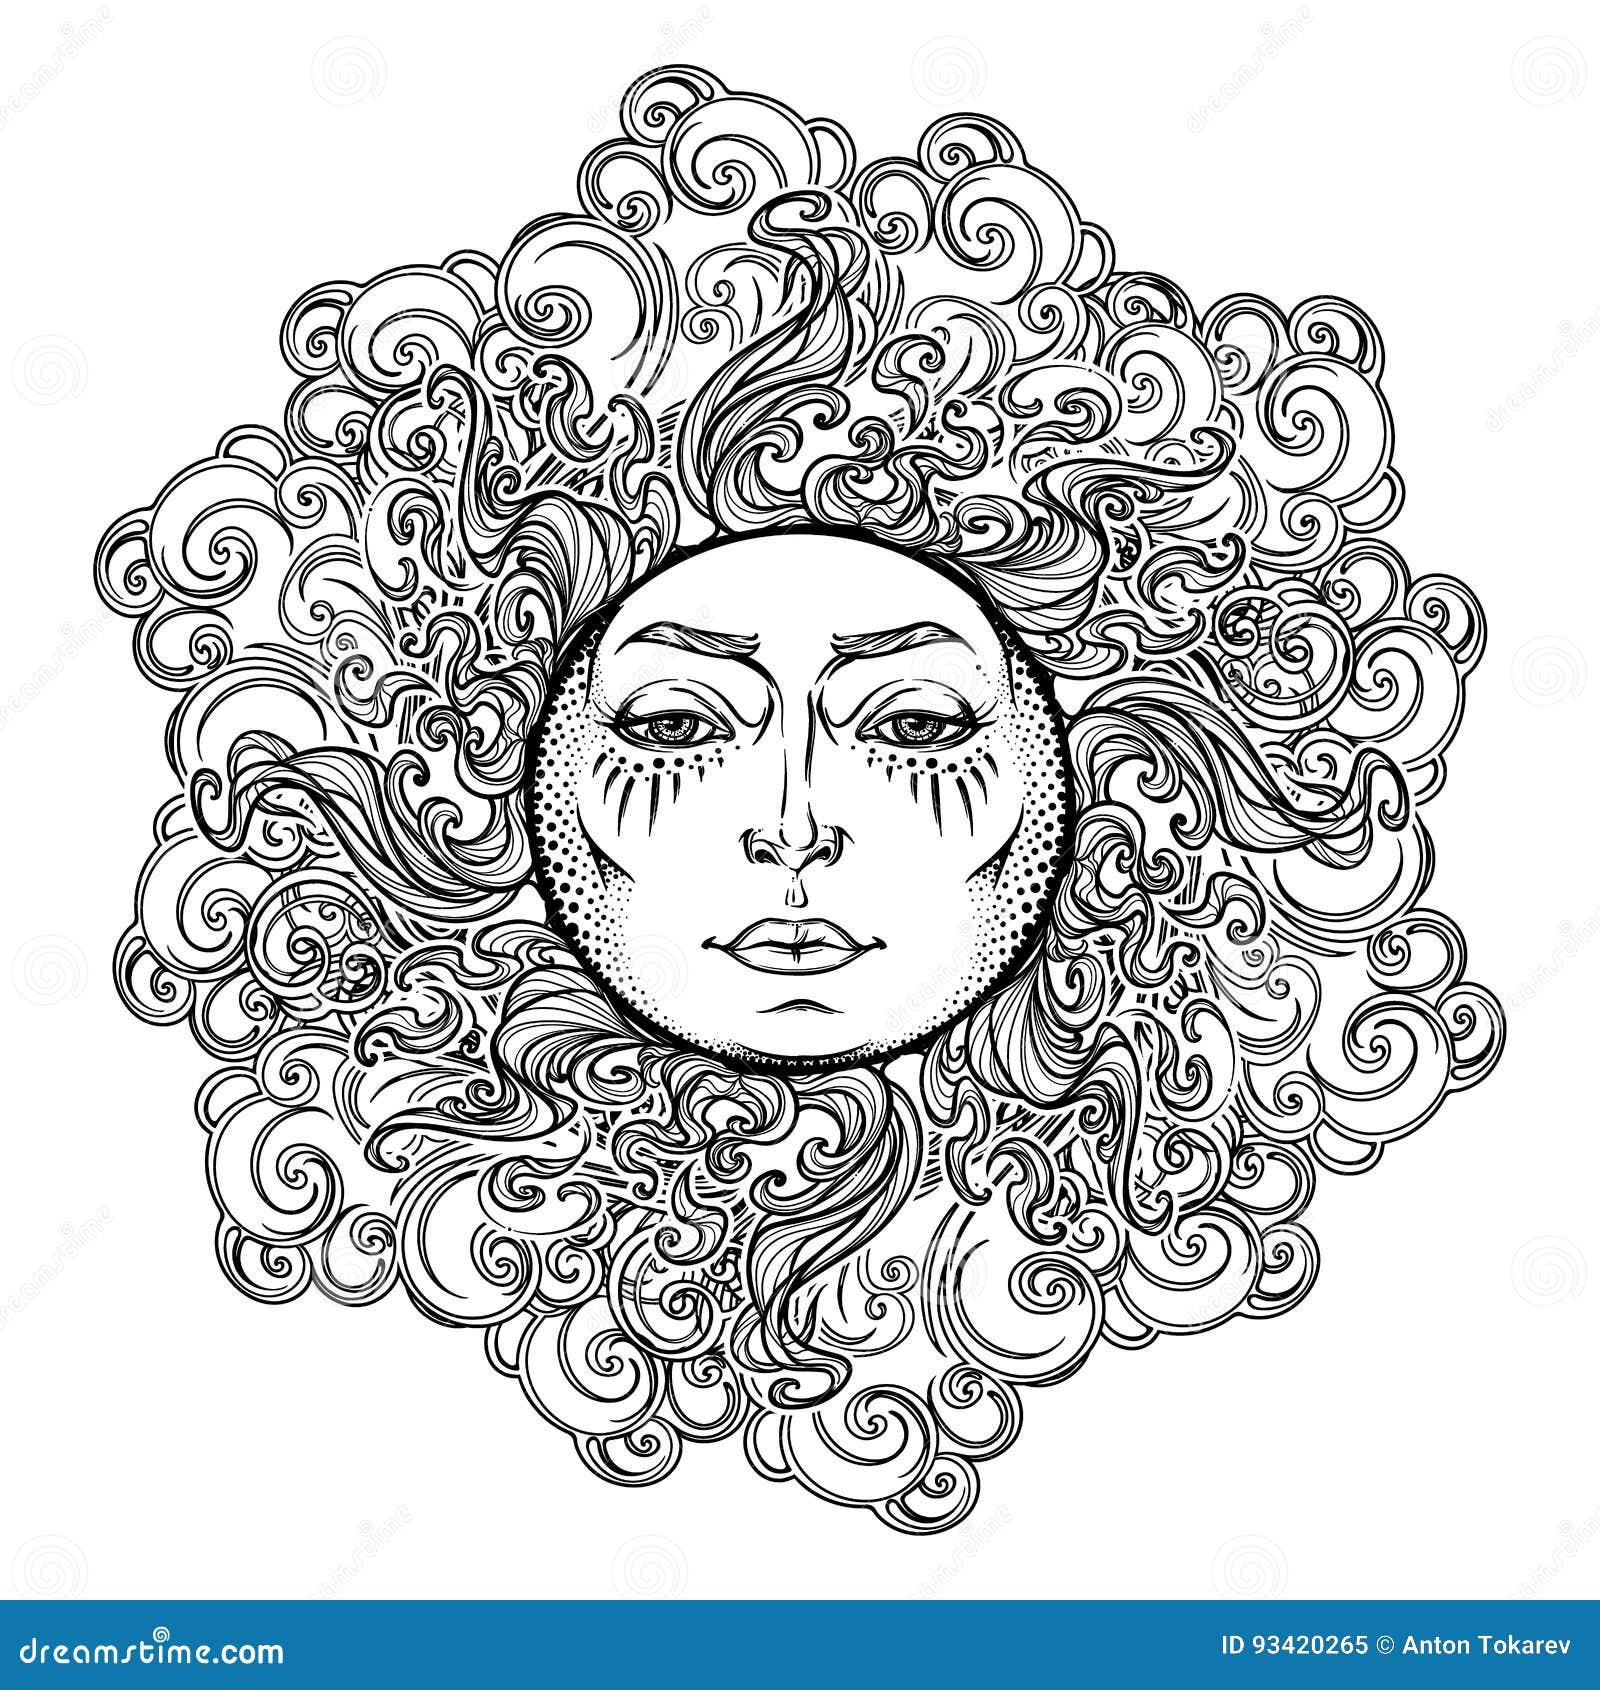 Mandala Tattoo  Fairytale Style Sun With A Human Face